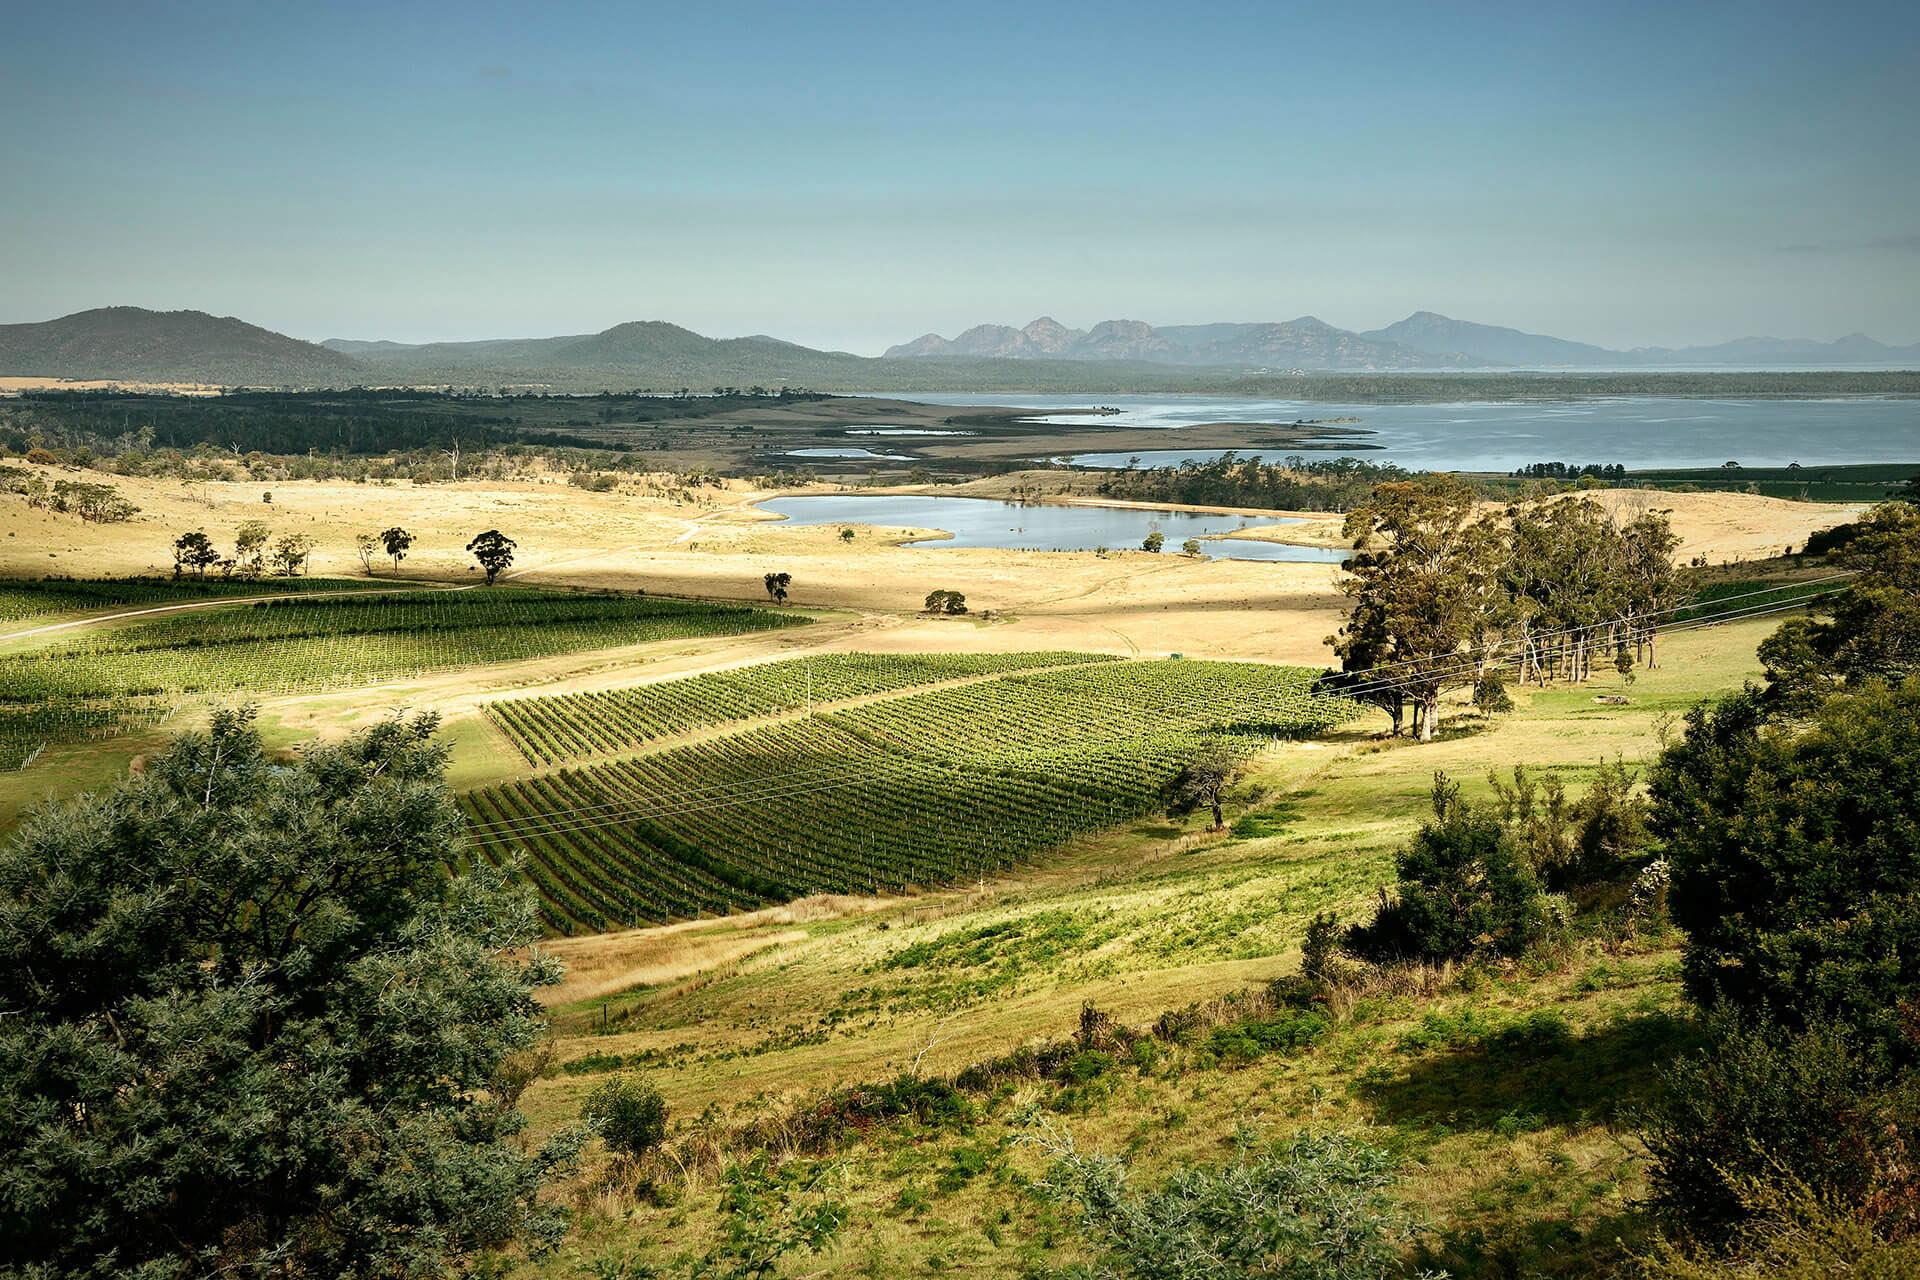 Los llanos australianos son perfectos para que la ceparieslingcrezca y de origen a un delicioso vino. (Foto: Difusión)